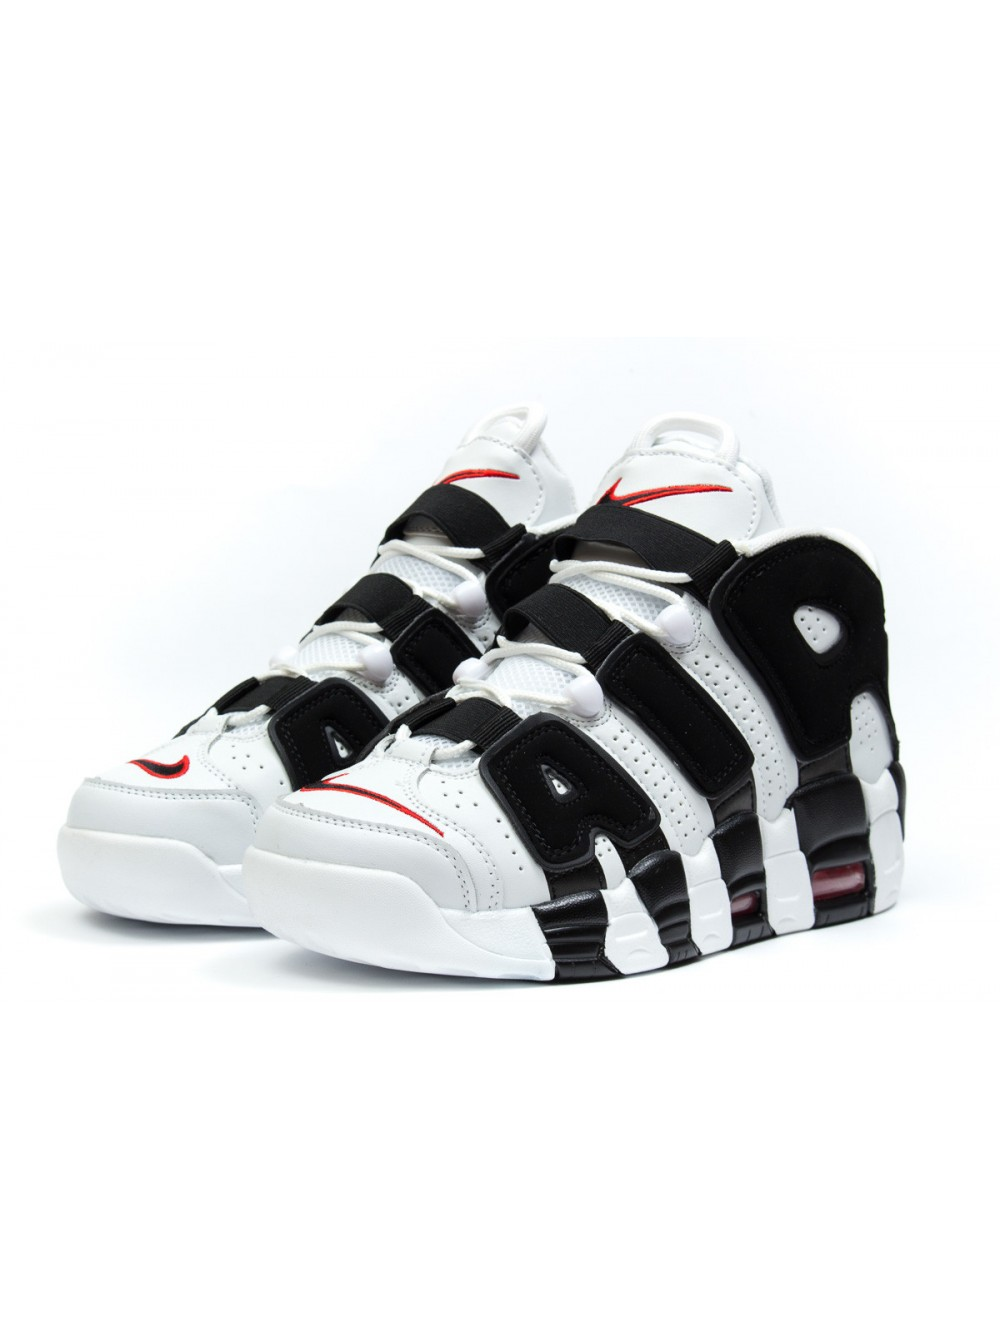 Мужские баскетбольные кроссовки Nike Air More Uptempo купить недорого dcdbdcffbe21b